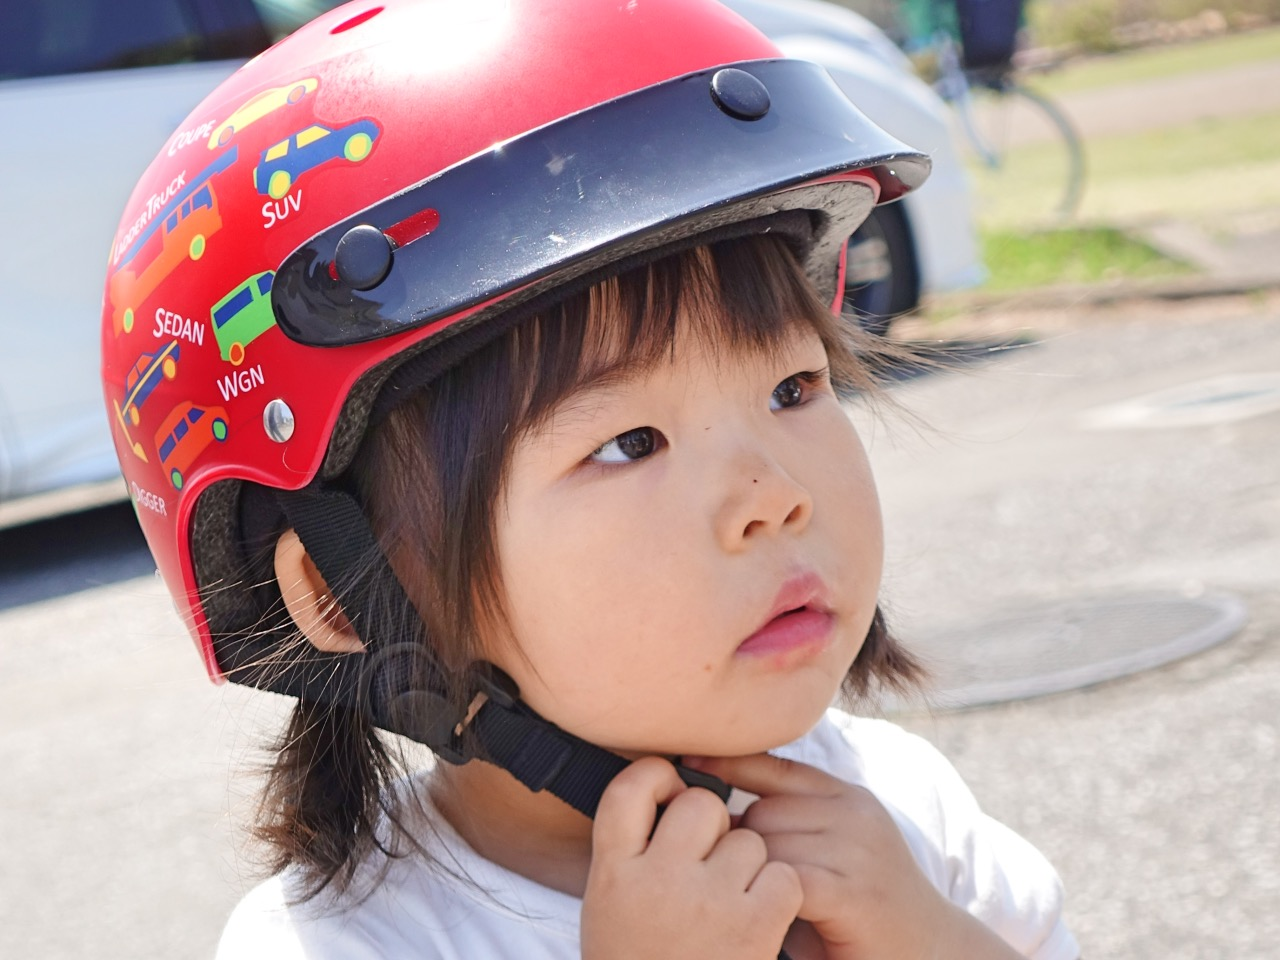 ブリヂストン自転車用子供ヘルメットをかぶる女の子